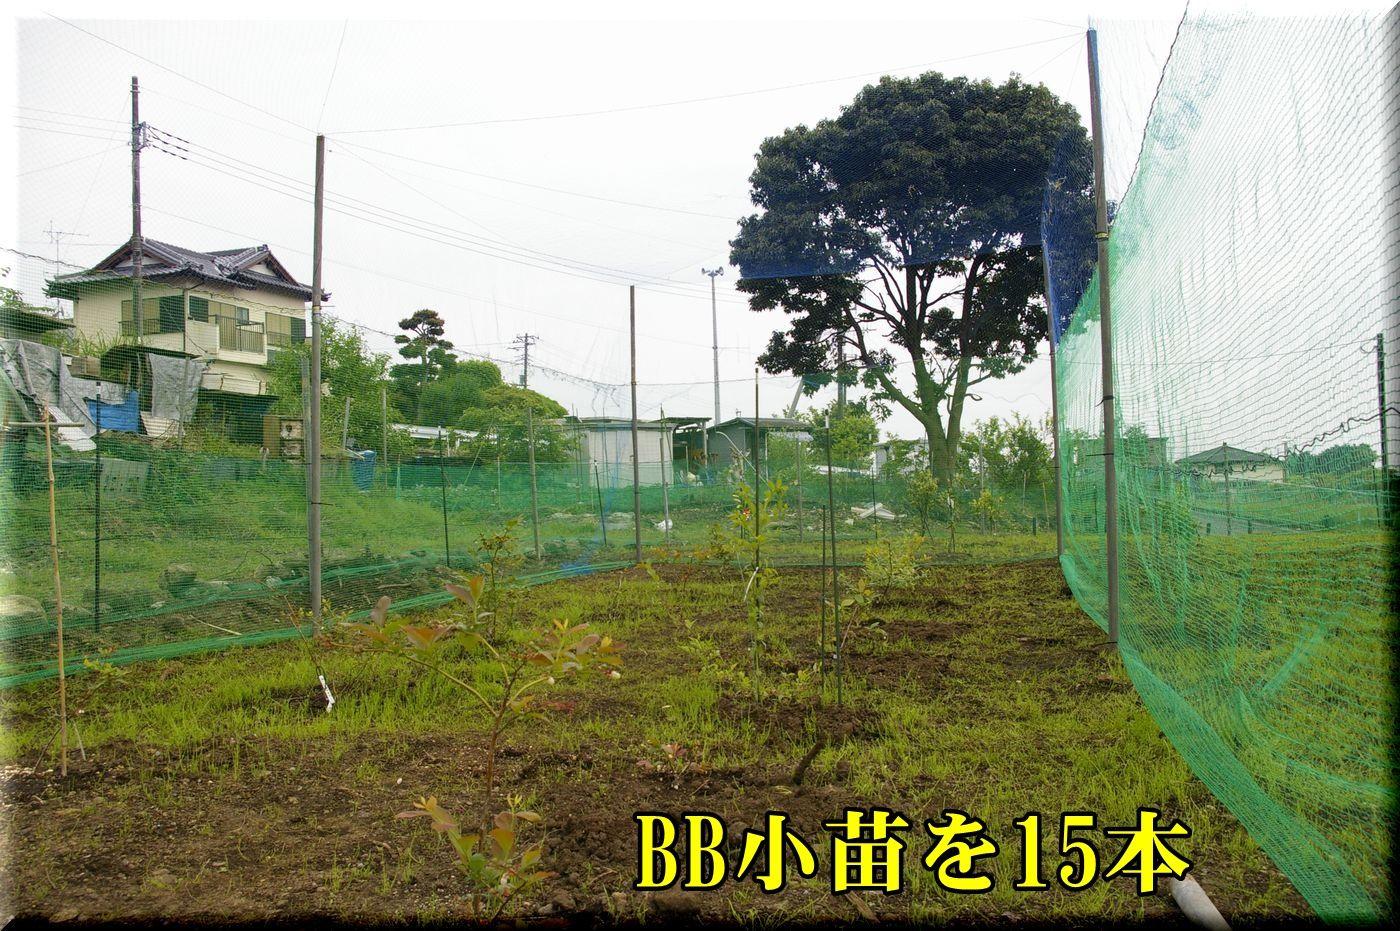 1BBnet160502_004.jpg